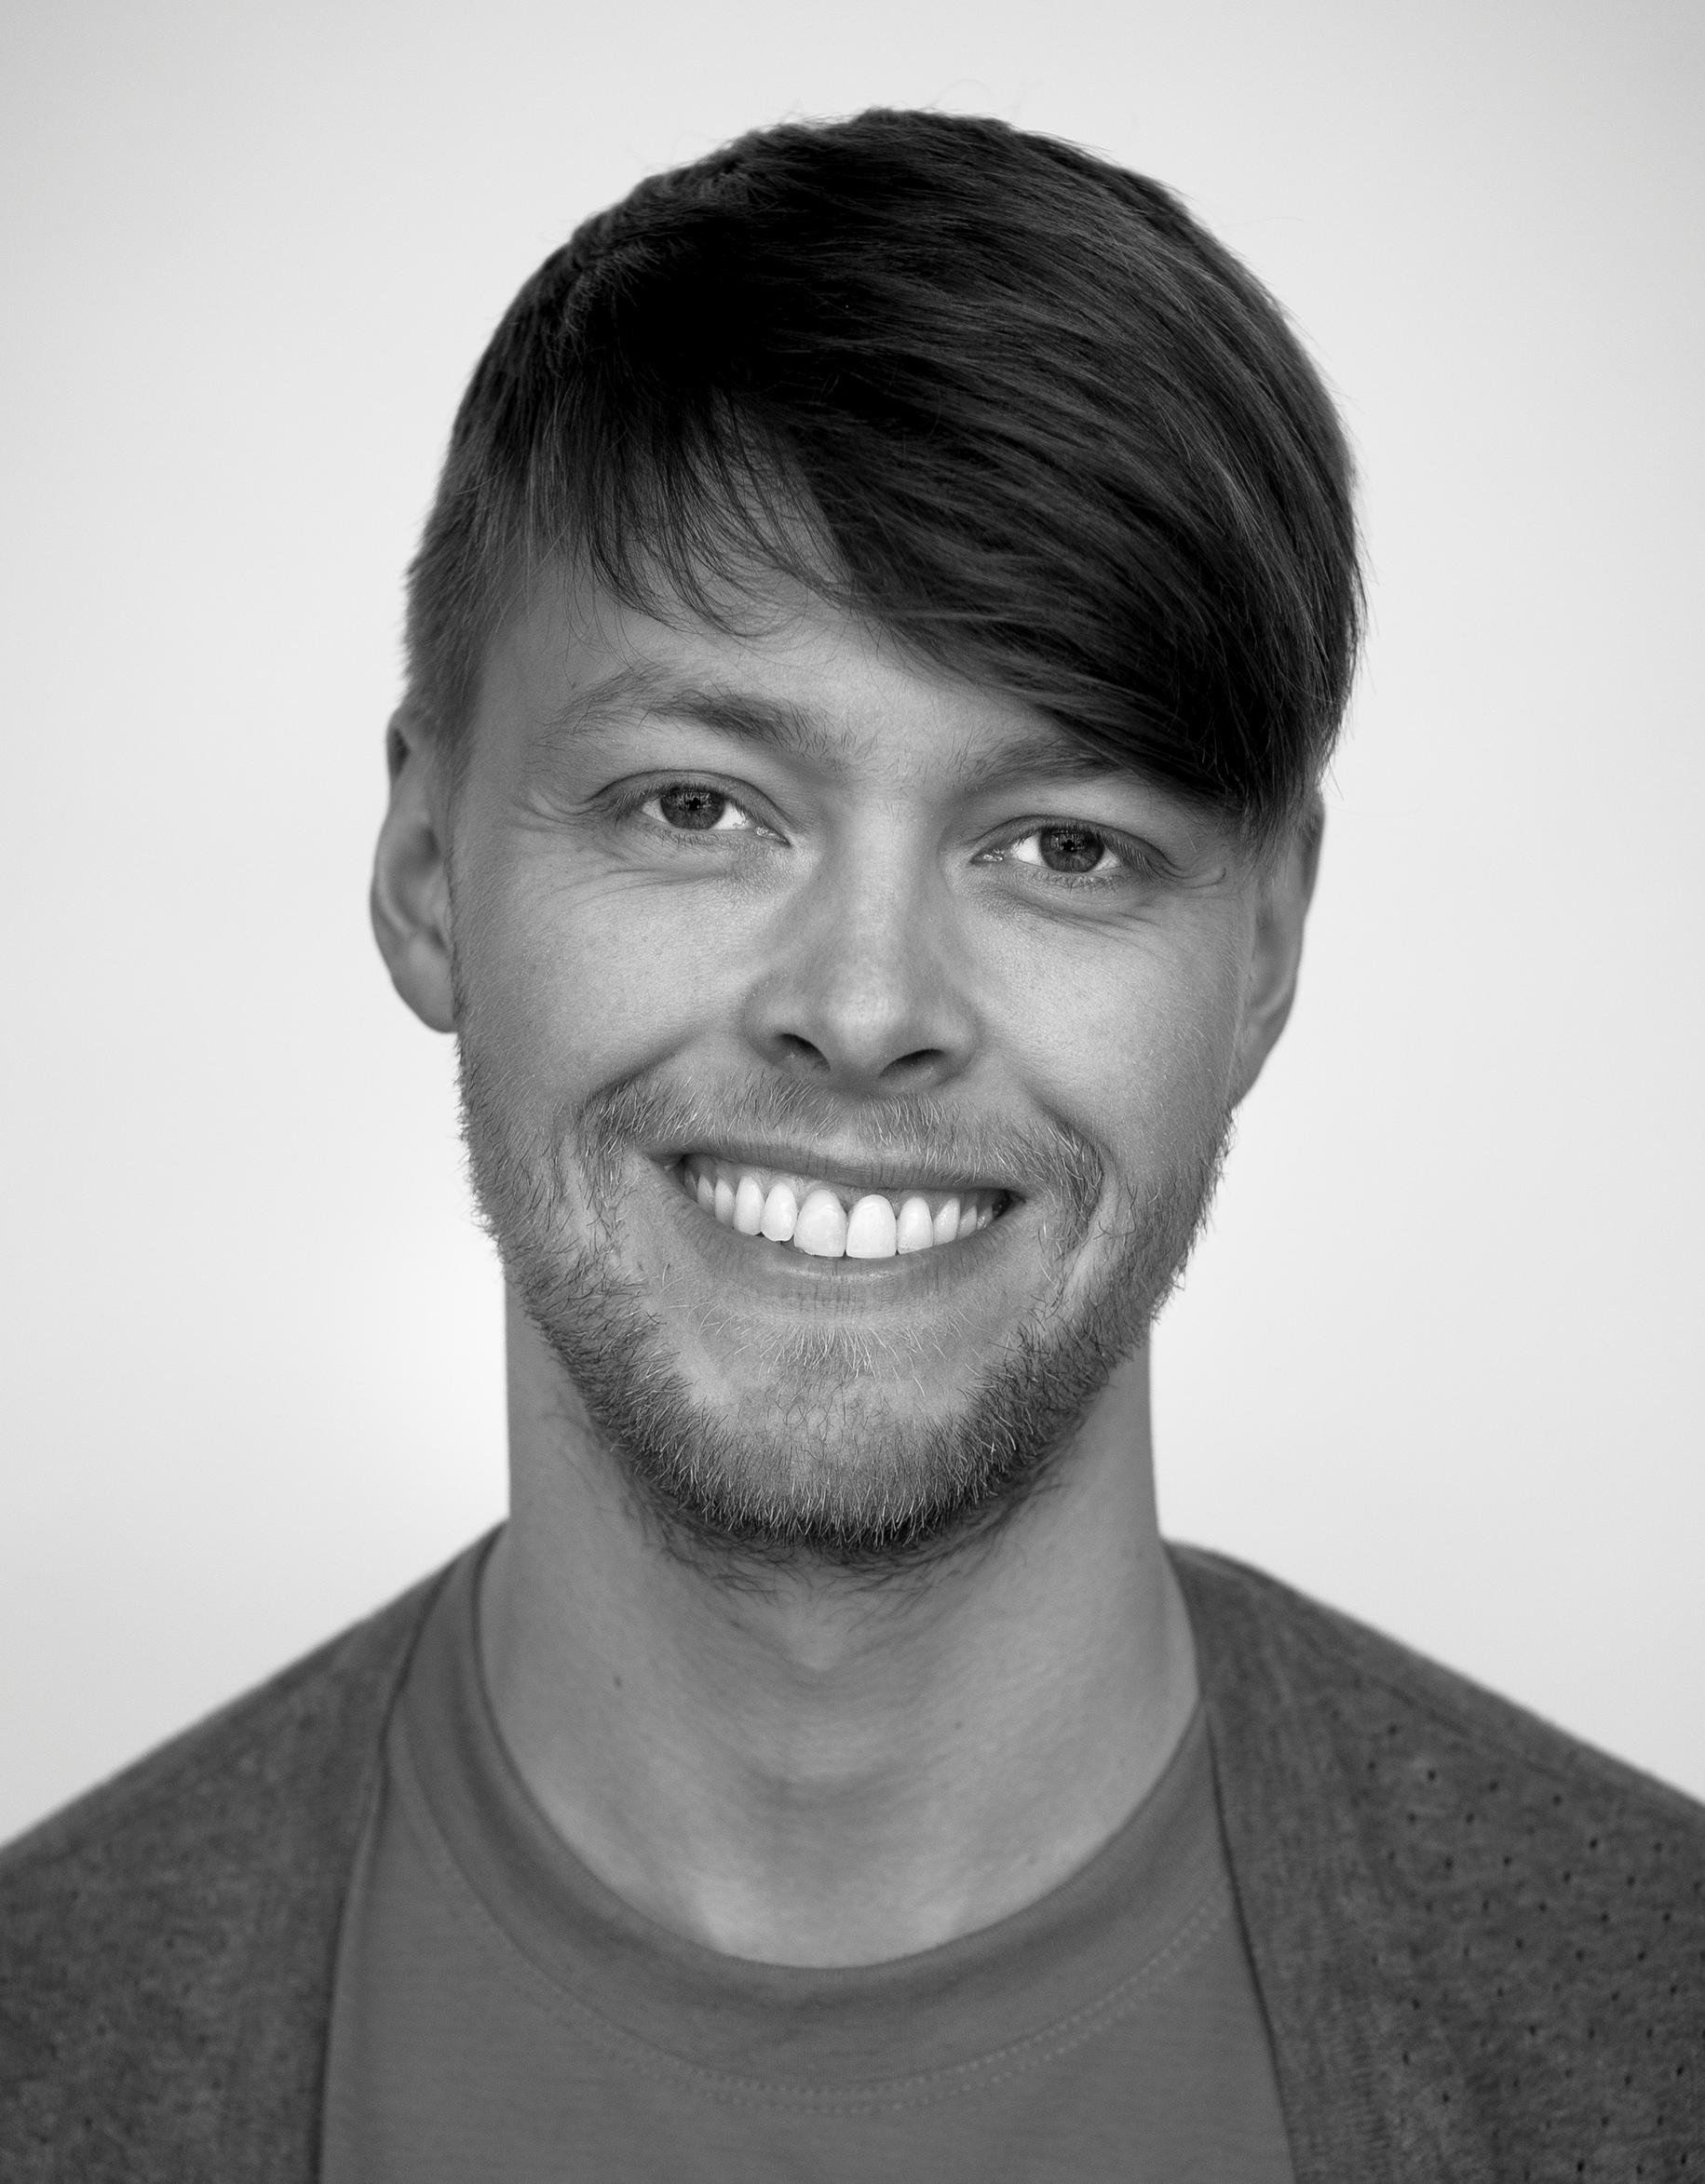 Snæbjörn Guðmundsson